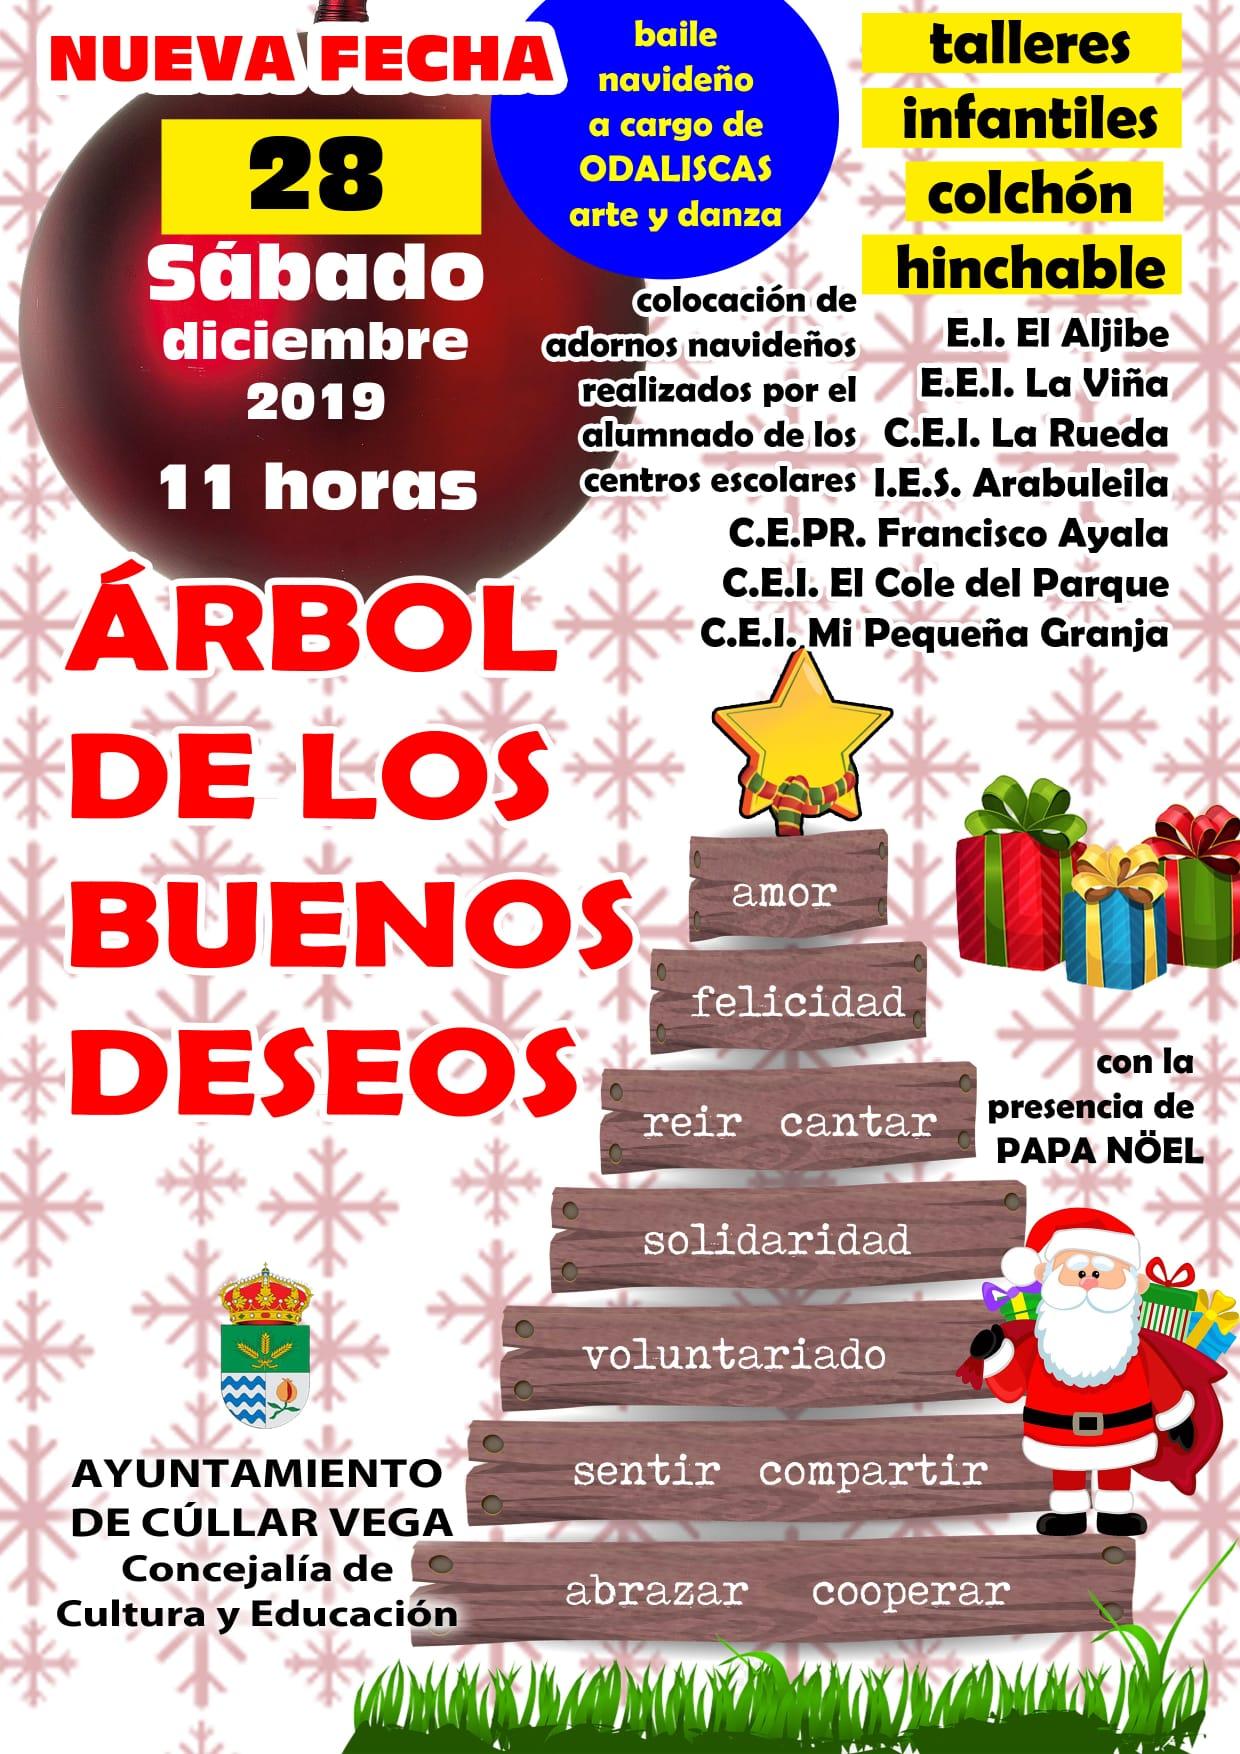 28 de diciembre, nueva fecha para el Árbol de los Buenos Deseos